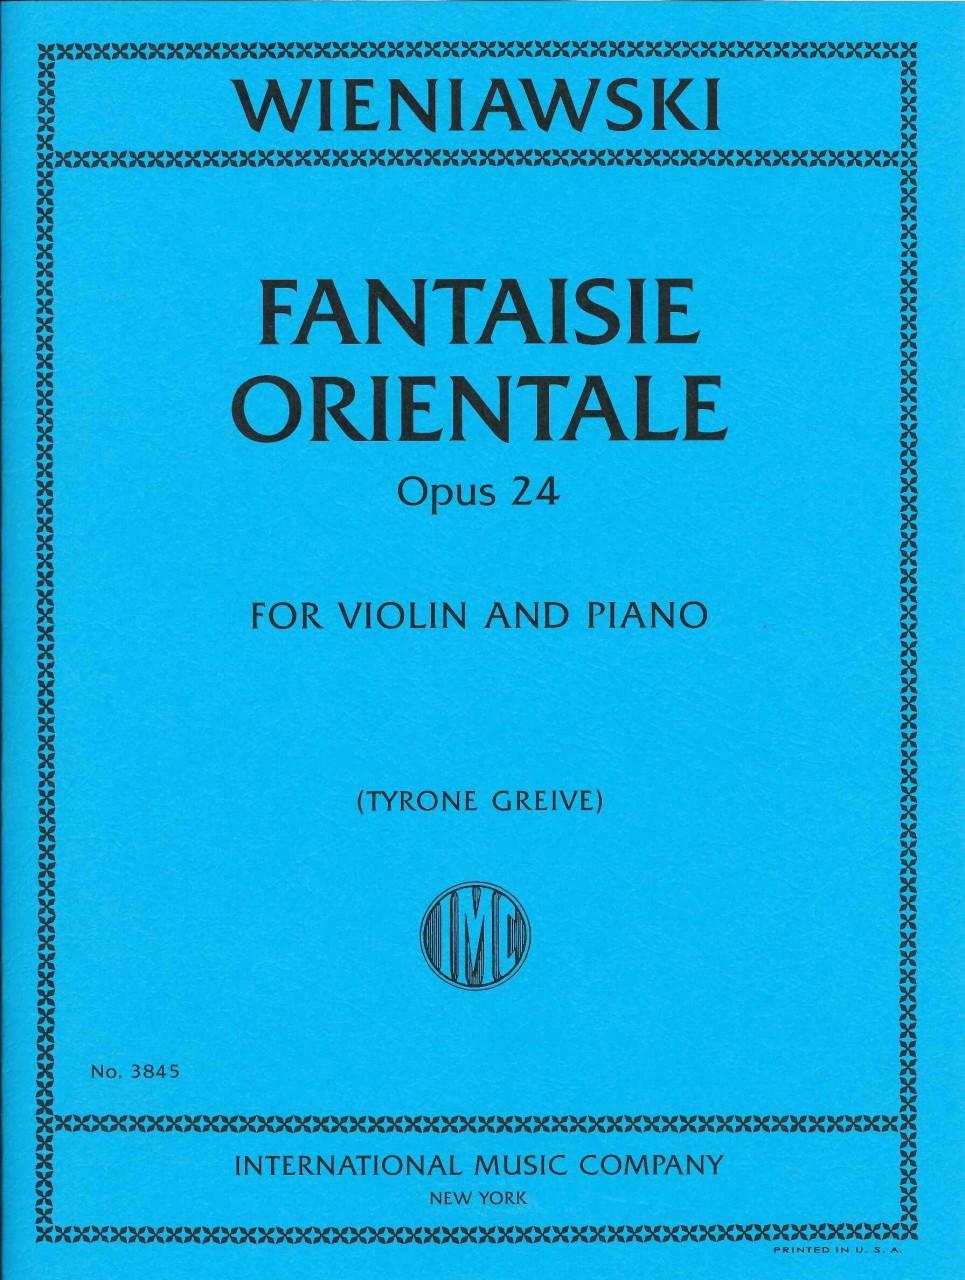 セール価格 14時までに決済を完了したご注文は当日出荷いたします 輸入楽譜 バイオリン 新作入荷 ヴァイオリン Op. 24 ヴィエニャフスキ:東洋風幻想曲